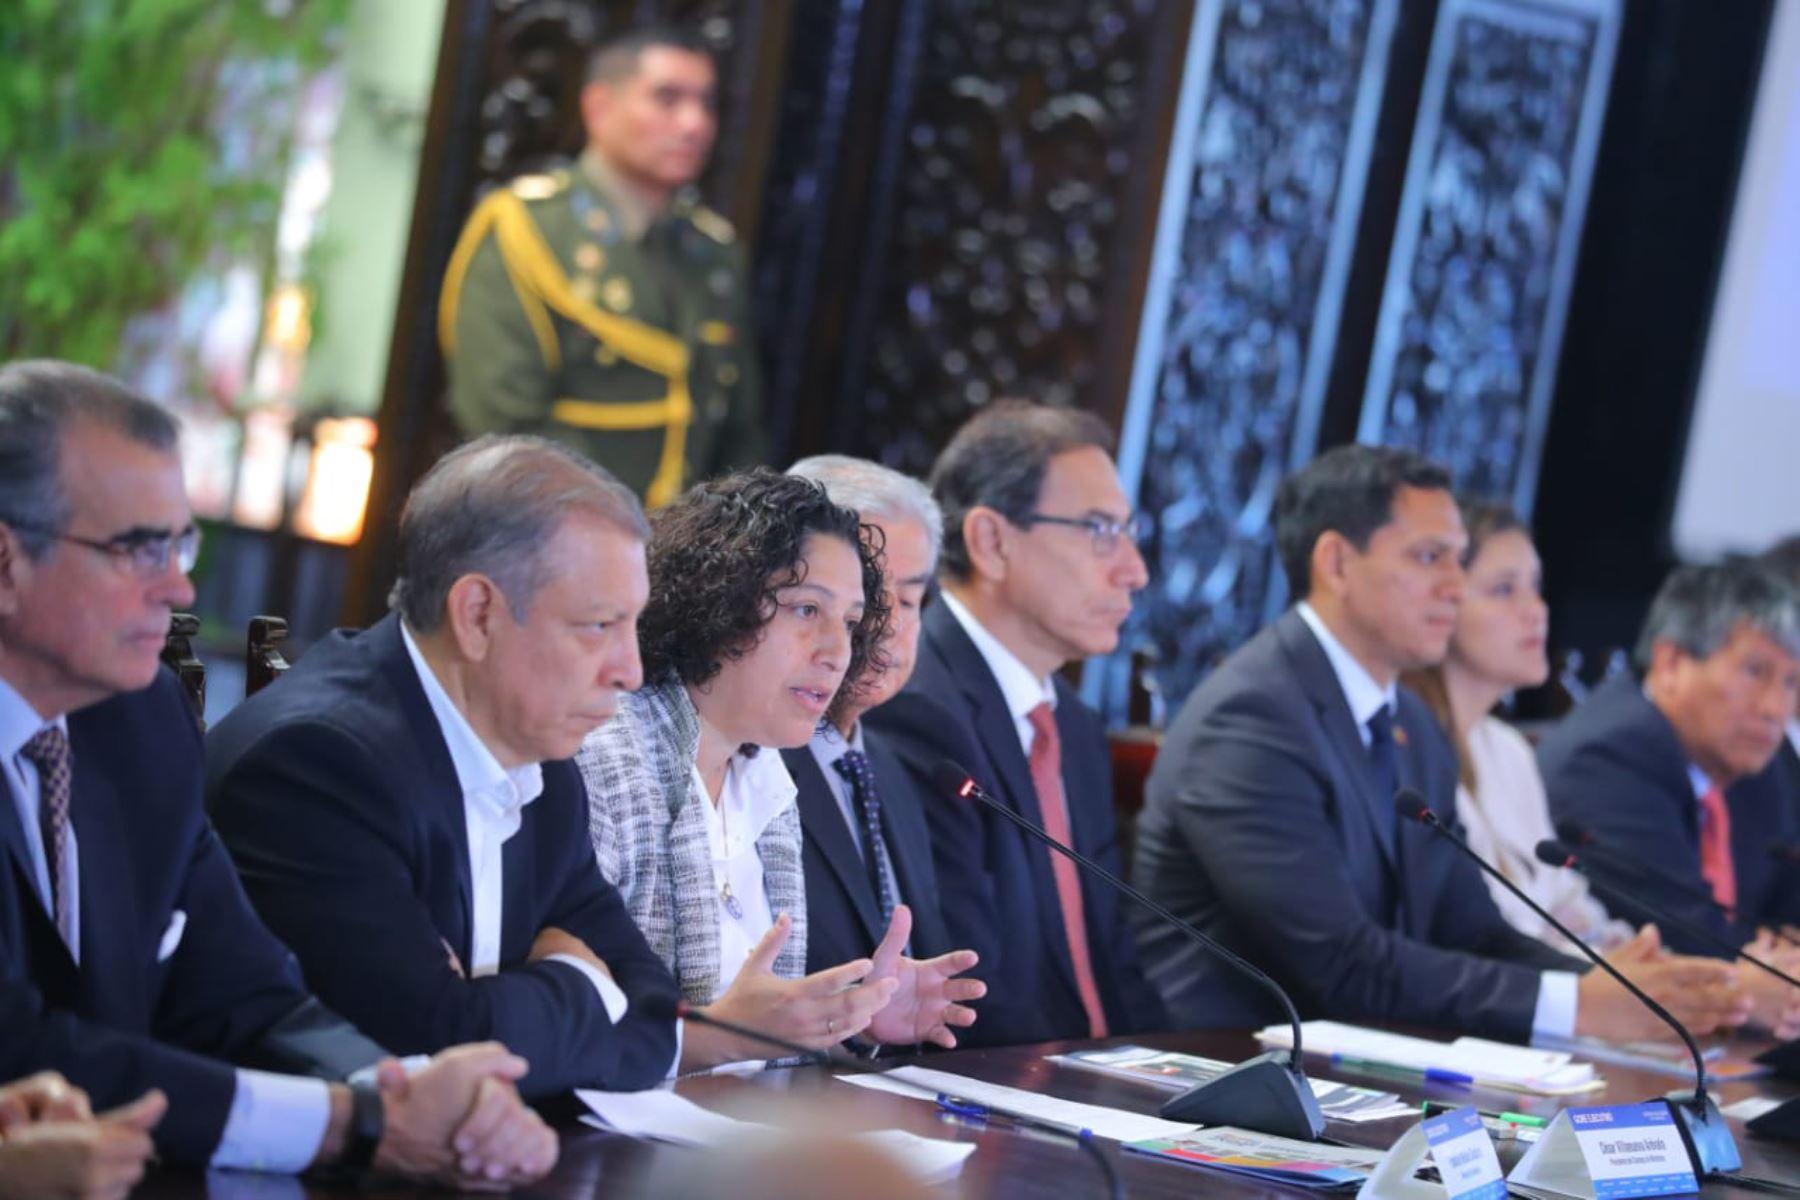 Este año se aprobó la Ley Marco de Cambio Climático en Perú. Foto: Agencia Andina.